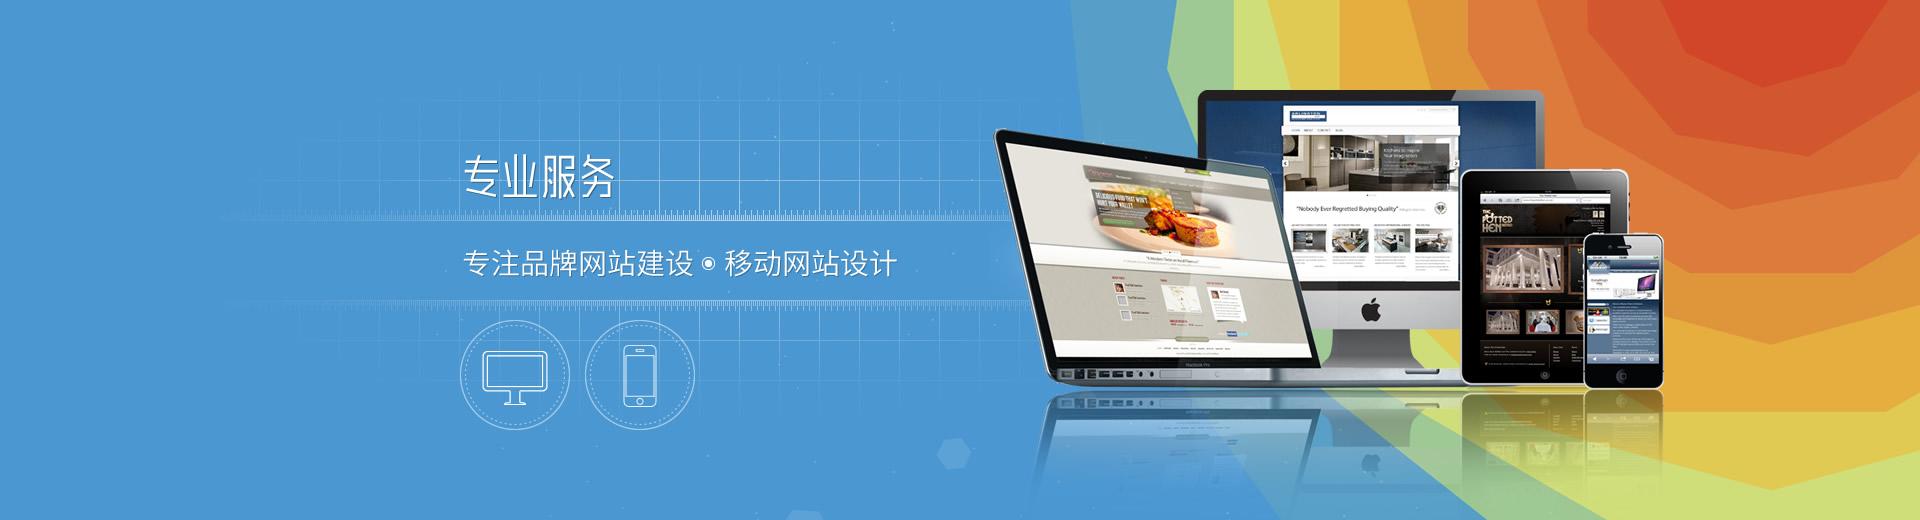 秦皇岛企业网站网页设计第一印象的重要性